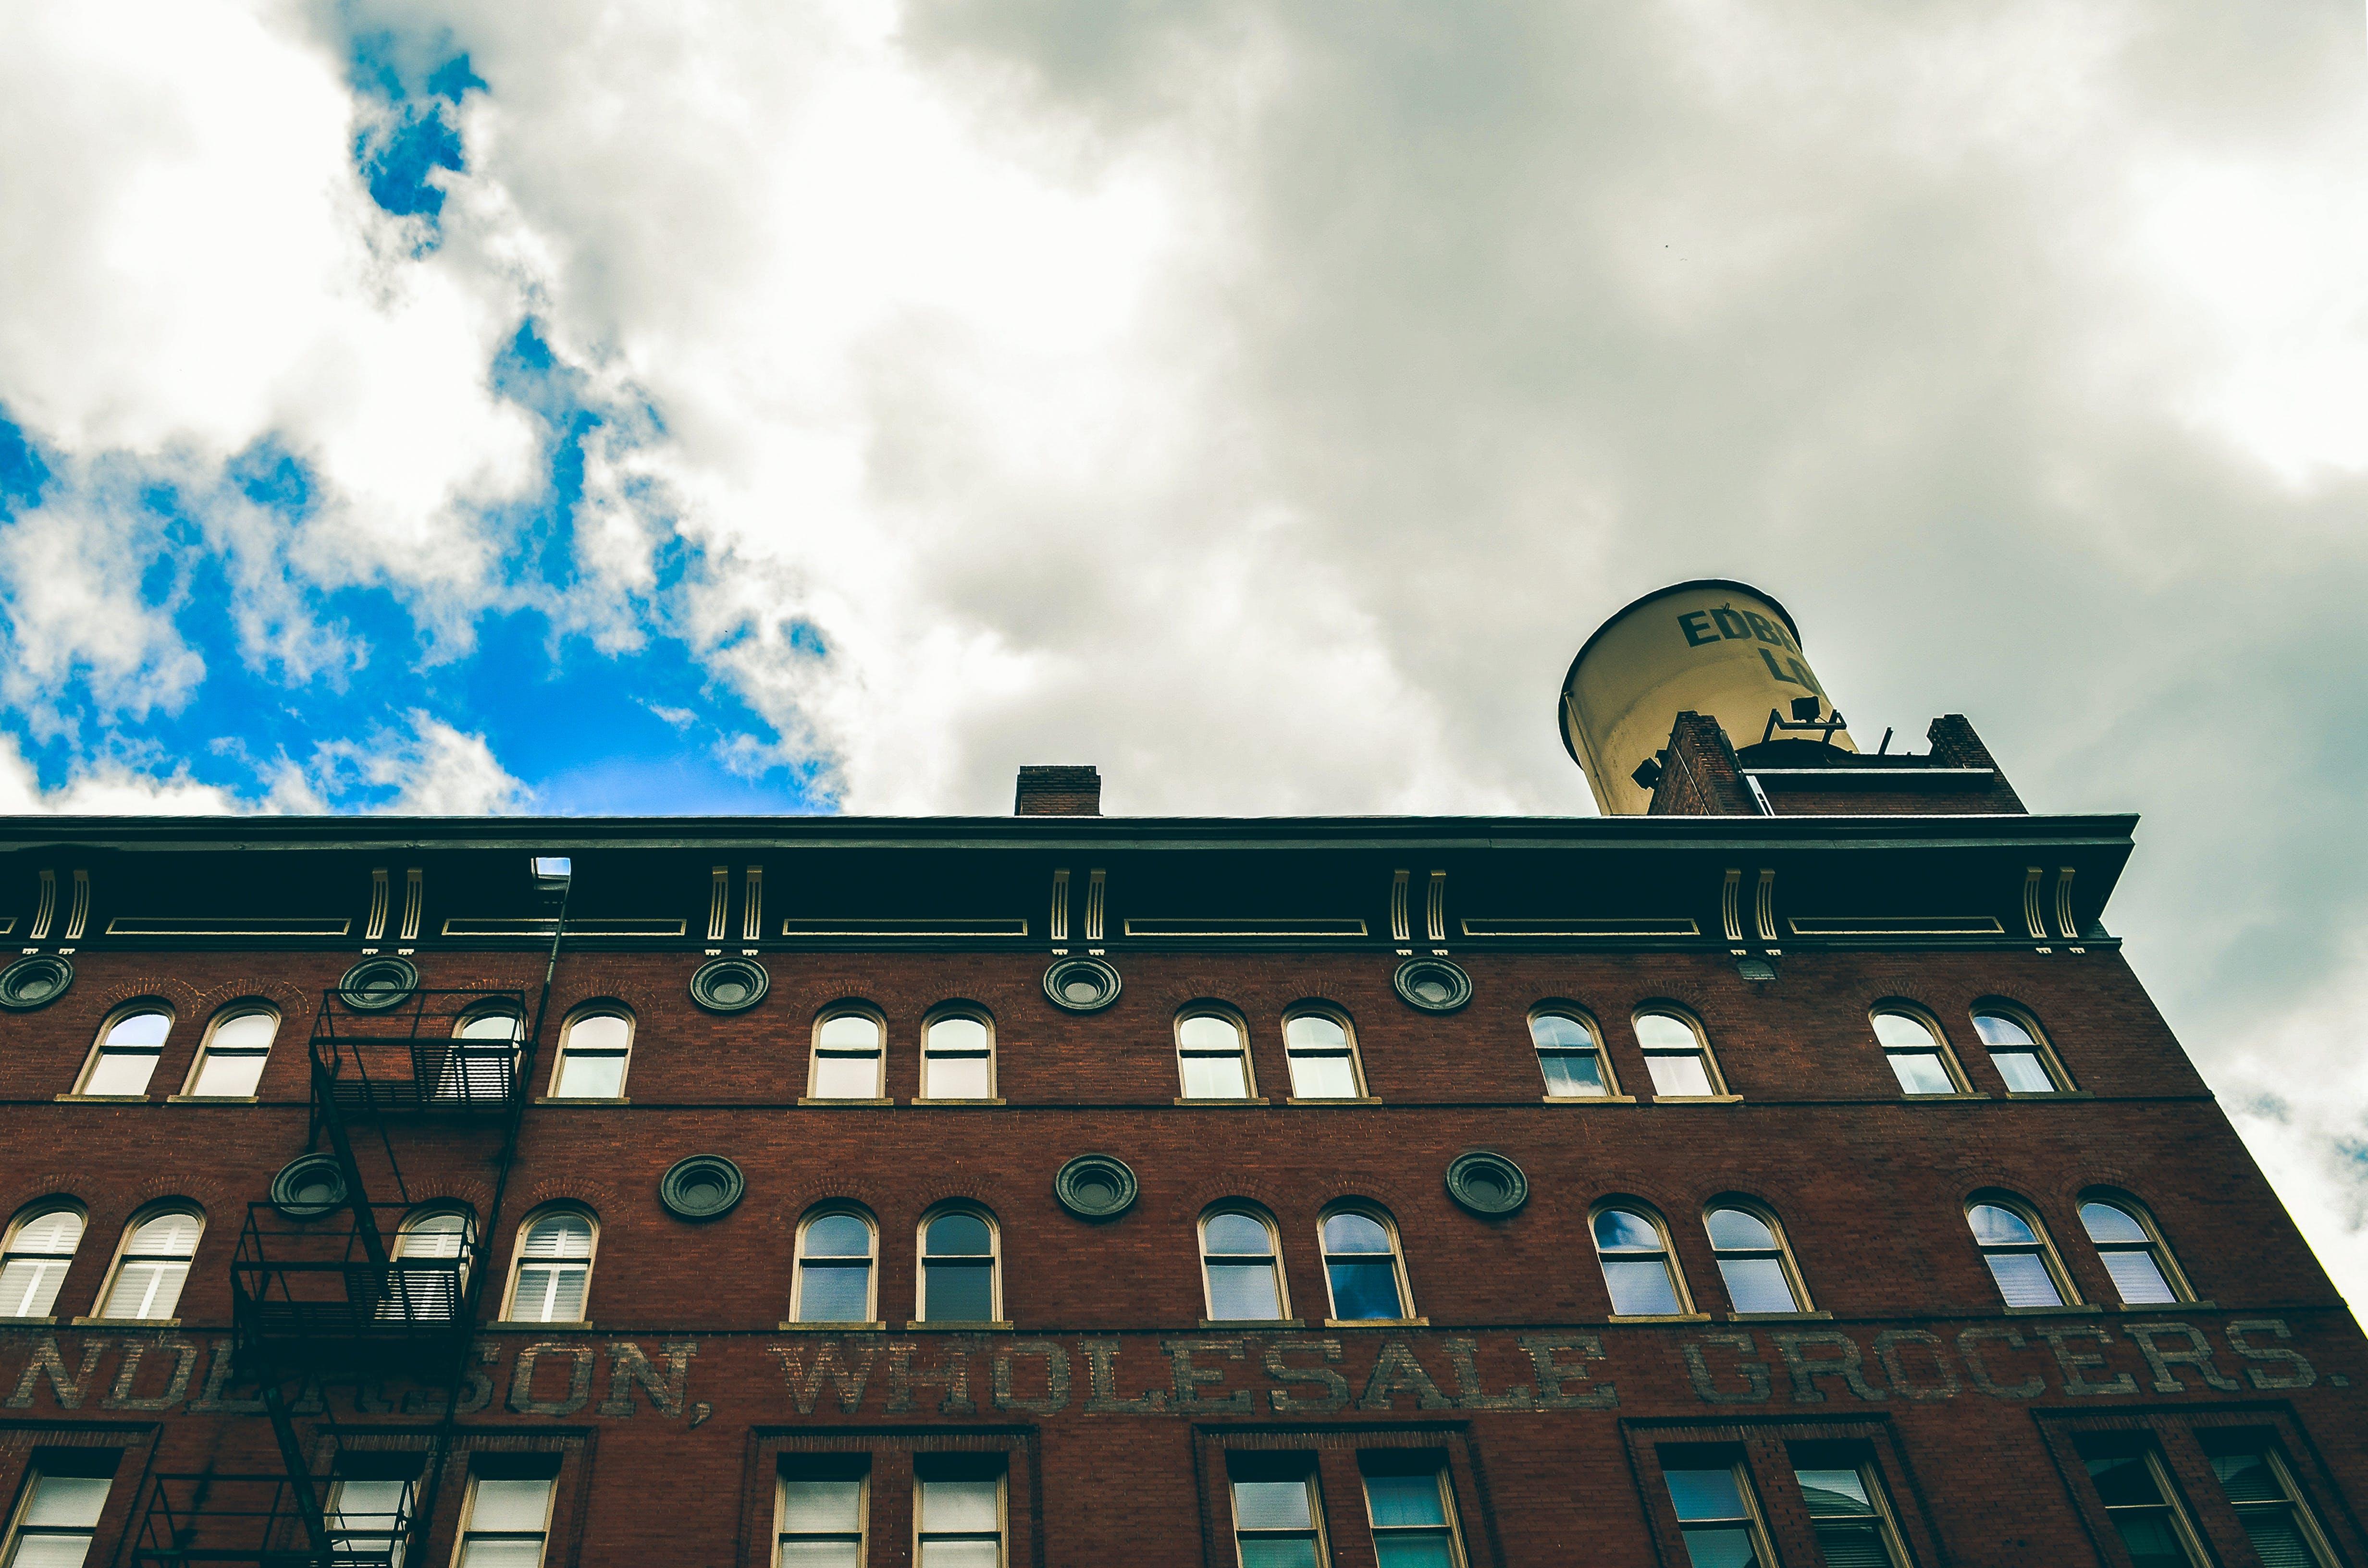 Foto stok gratis Arsitektur, awan, barang kaca, bidikan sudut sempit